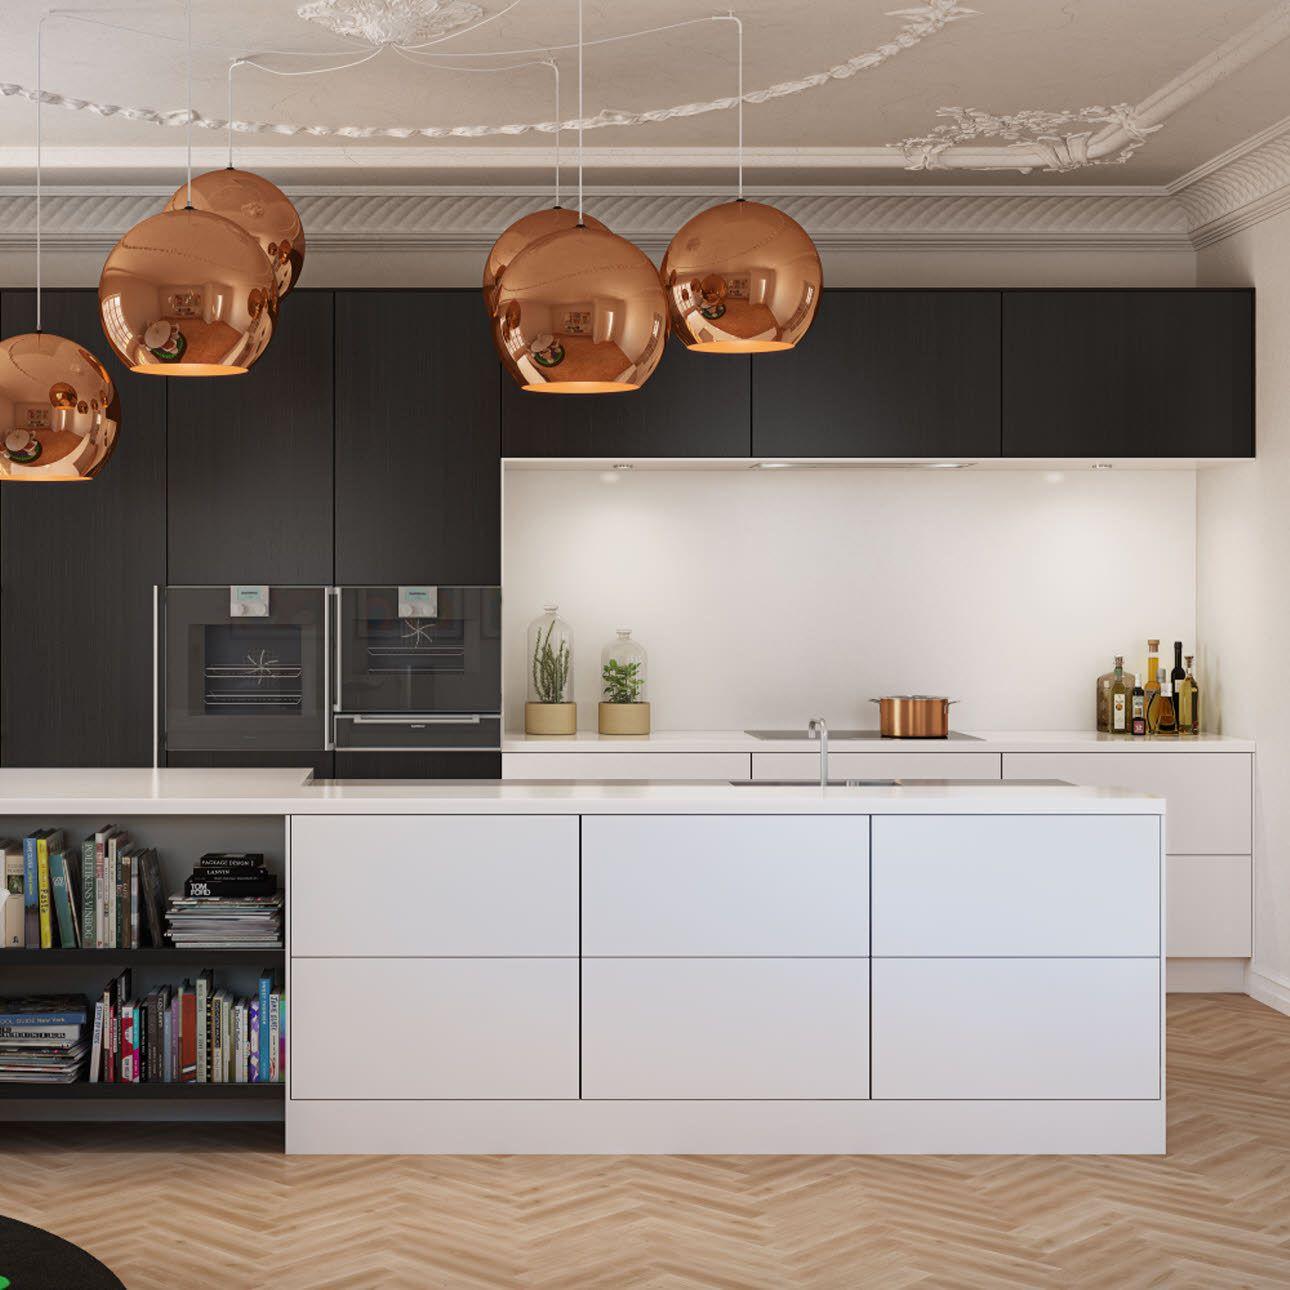 Ideen für küchenschränke ohne türen bildresultat för kök  kök  pinterest  kitchens scandinavian